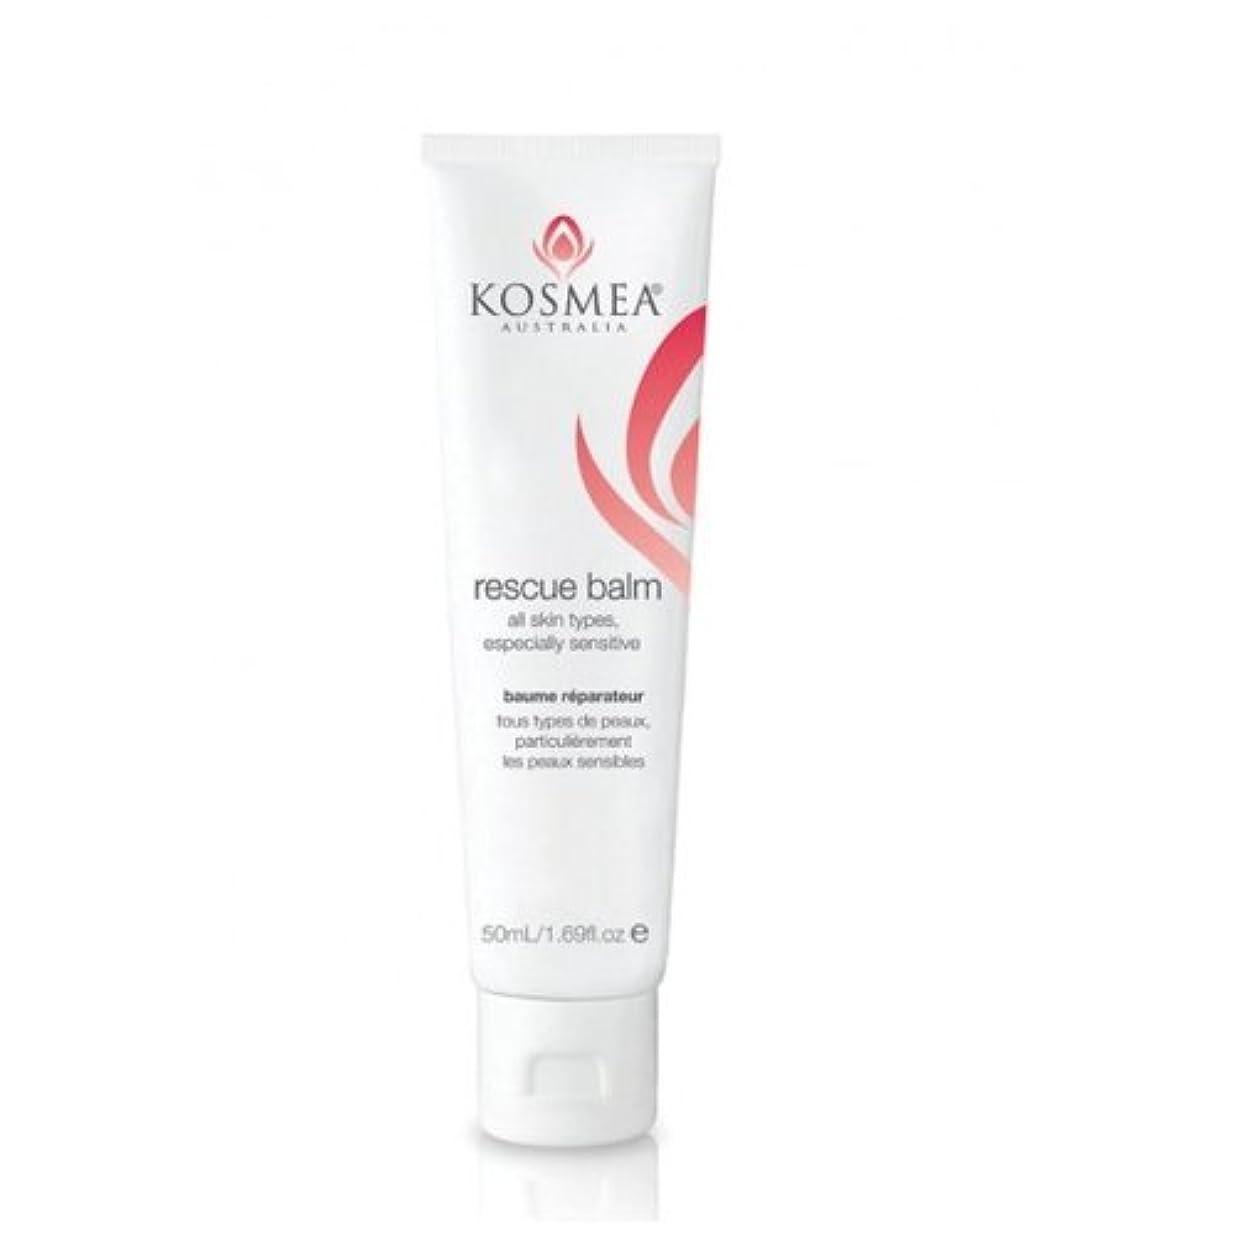 感謝スーツ土曜日【KOSMEA】Skin Clinic TM Rescue Balm コスメア レスキューバーム 50ml【並行輸入品】【海外直送品】